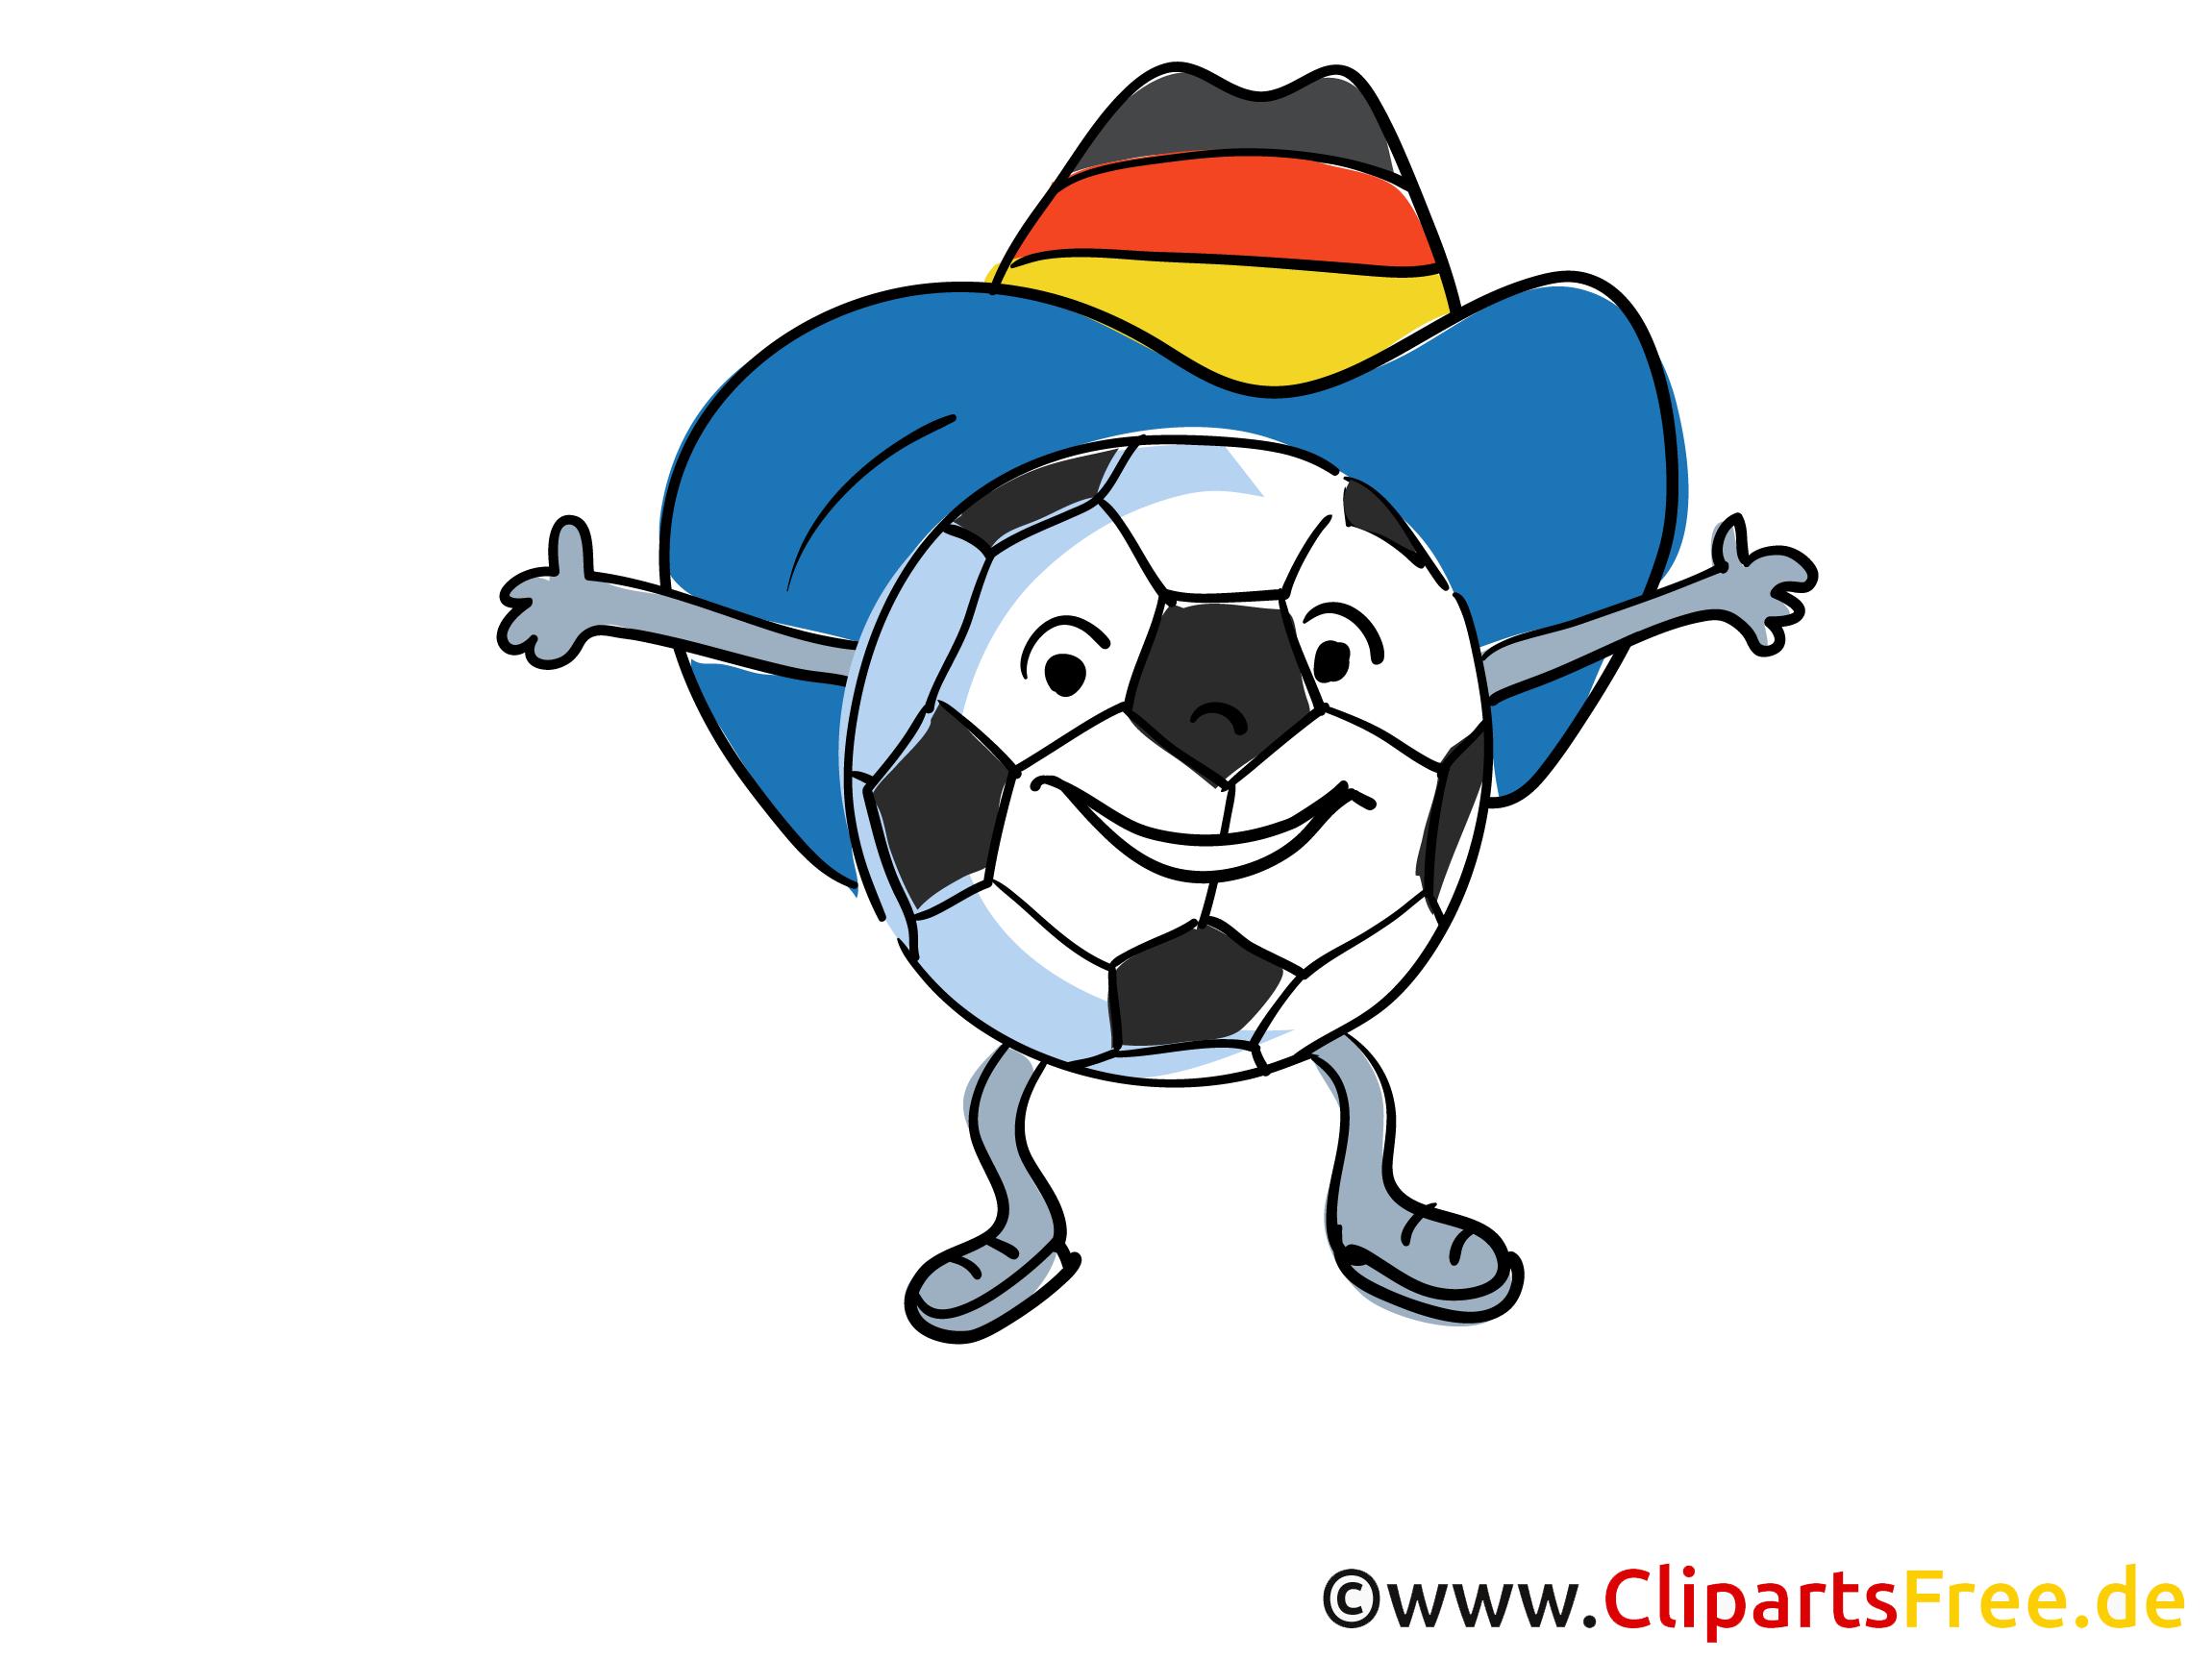 Maskottchen Fussball Bild-Clipart